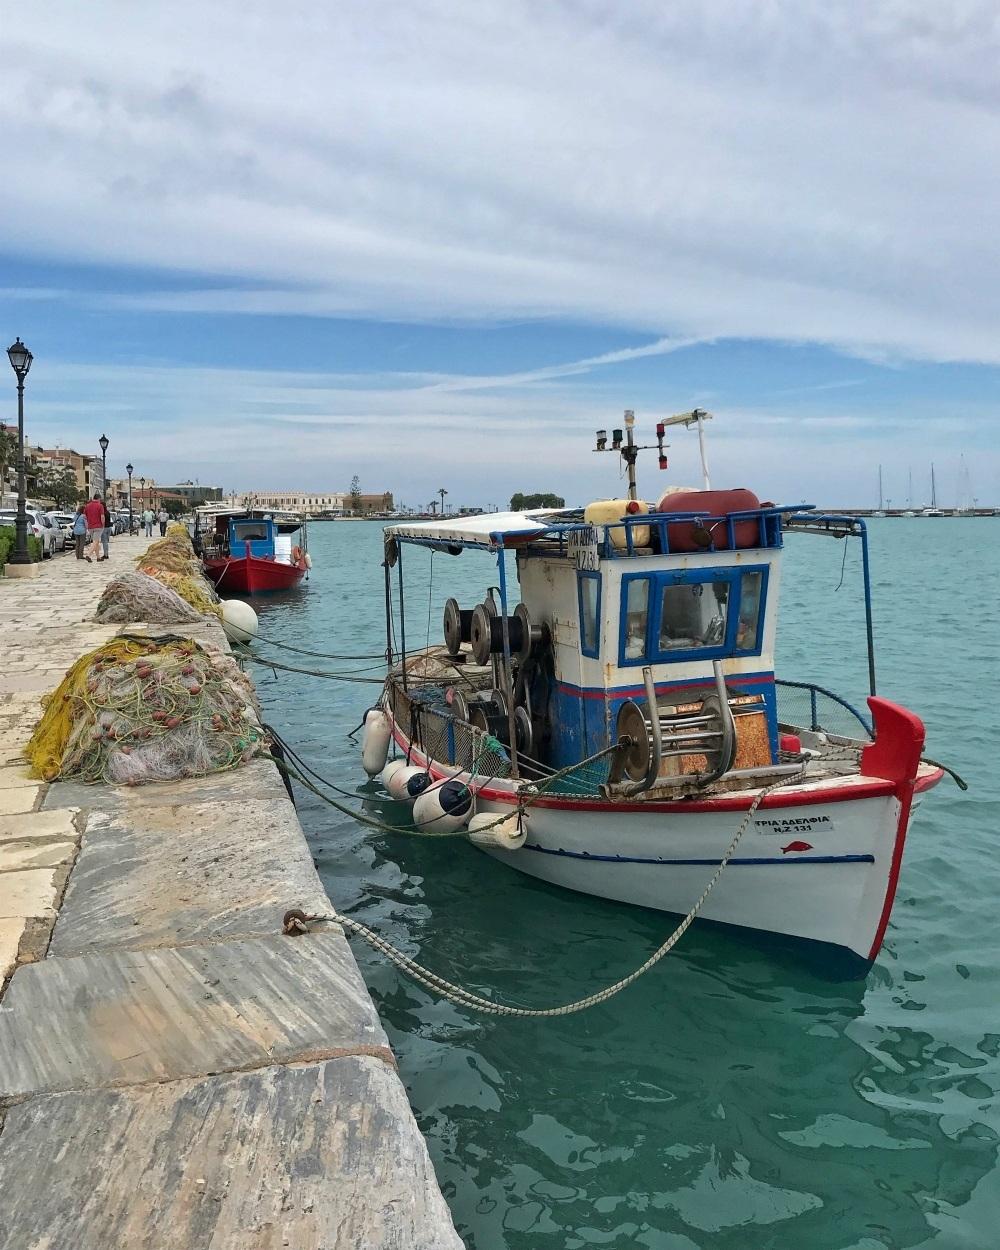 Fishing boats in Zante town